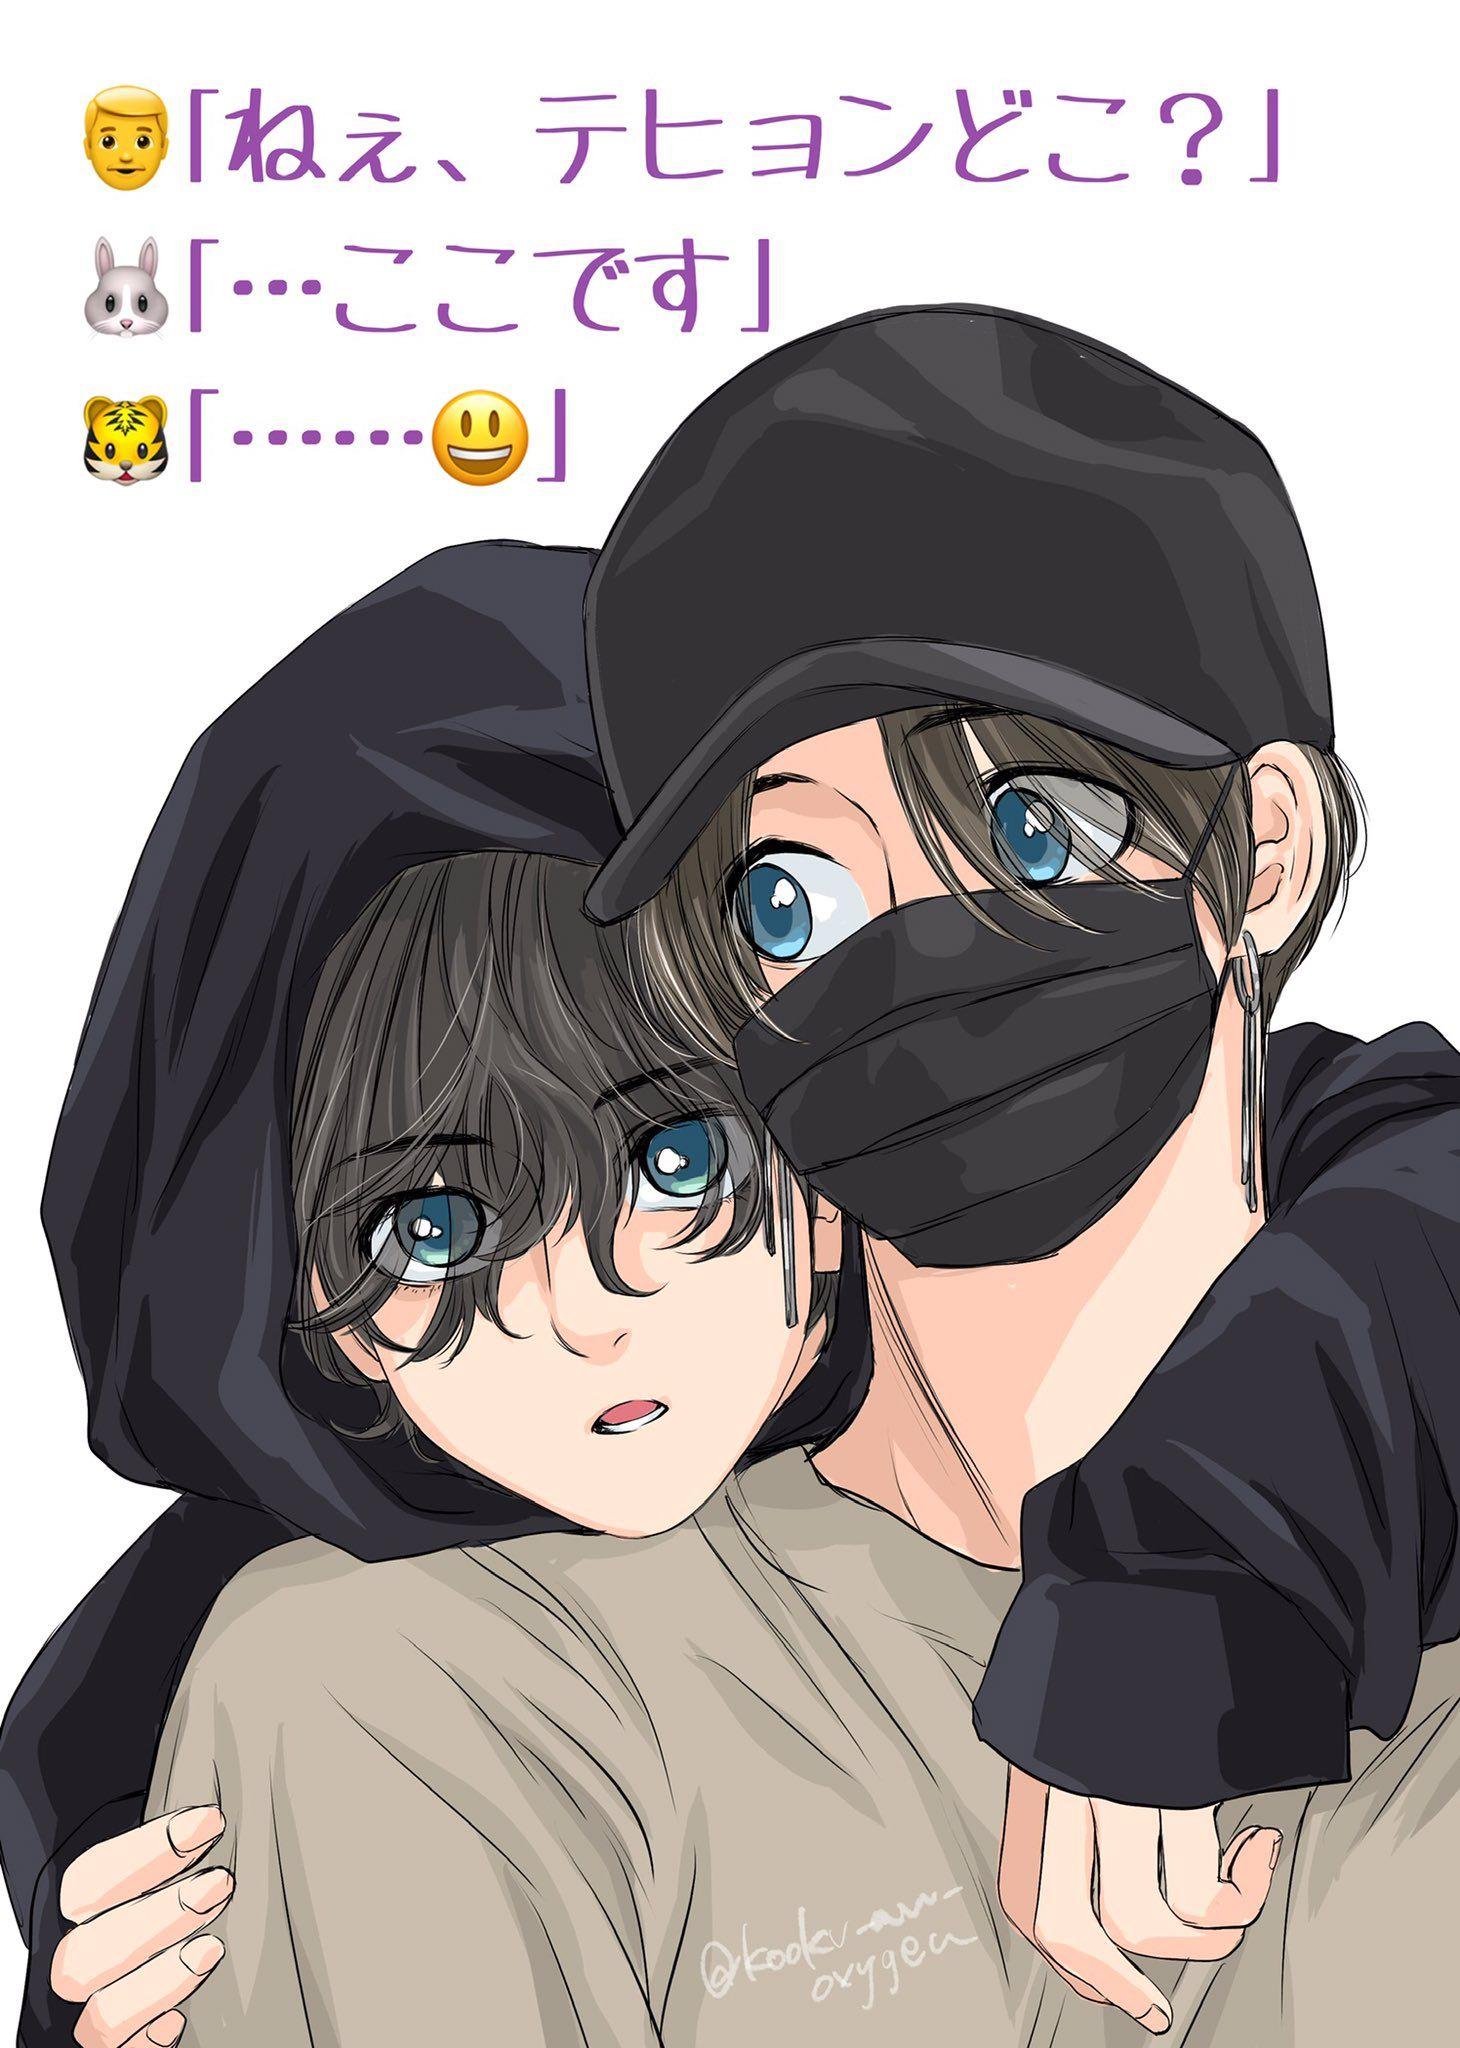 ぐてあにゃ kookv an oxygen taekook anime bts fanart